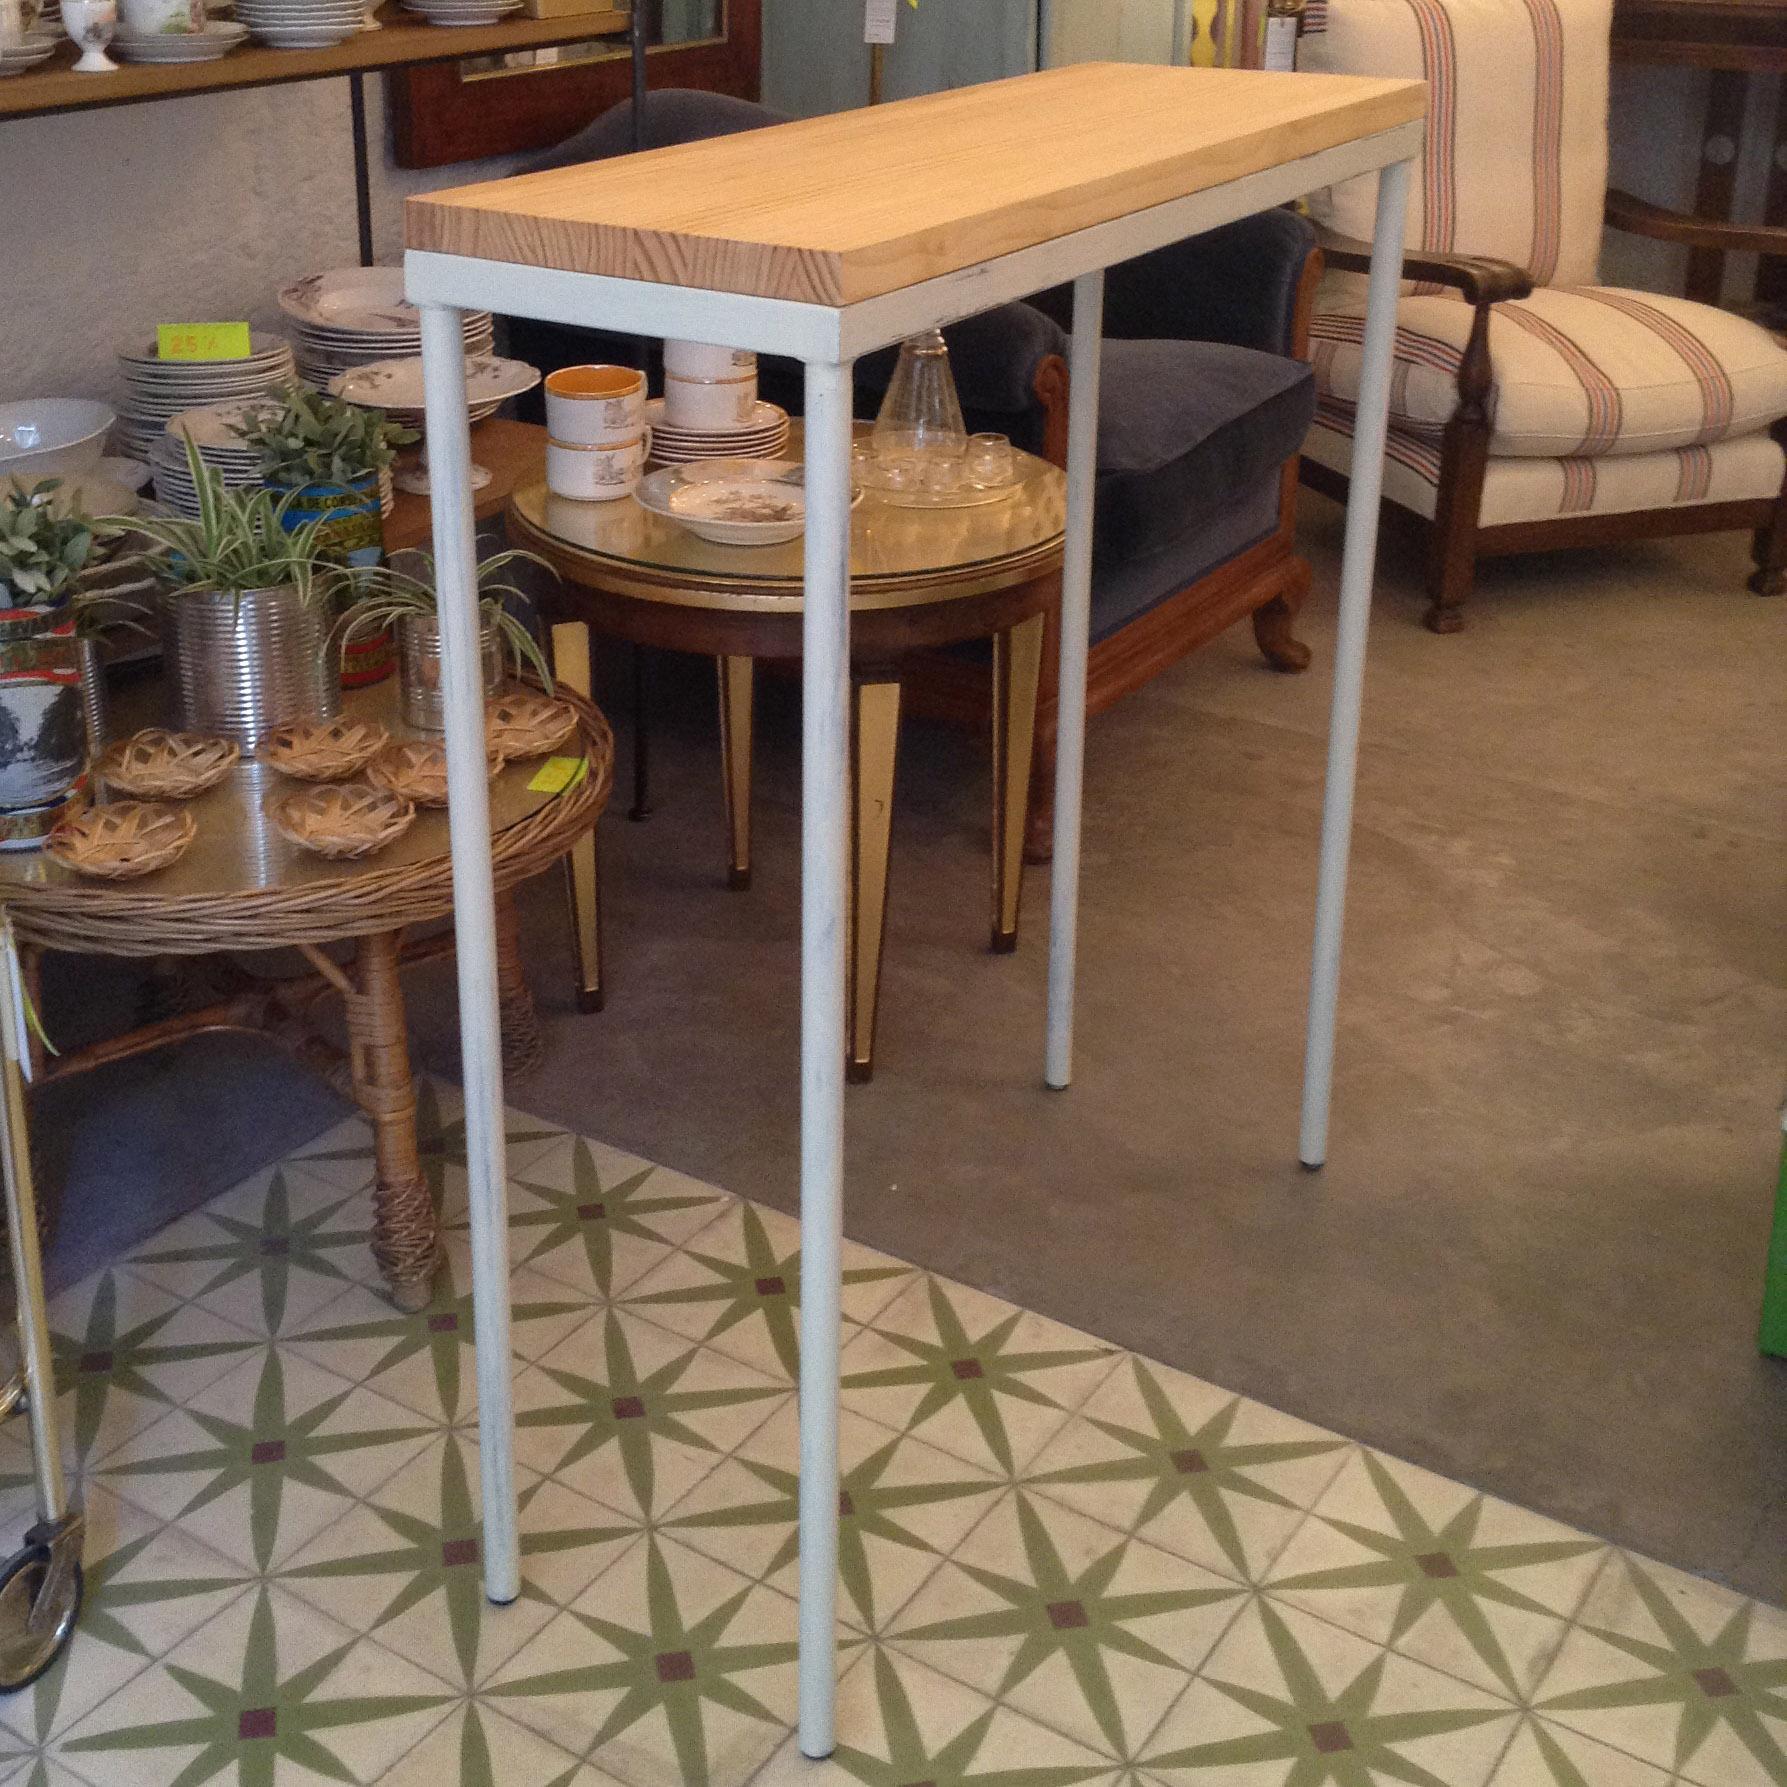 mesa barra cocina auxiliar alta solucion fondo estrecha a medida encargo decoracion